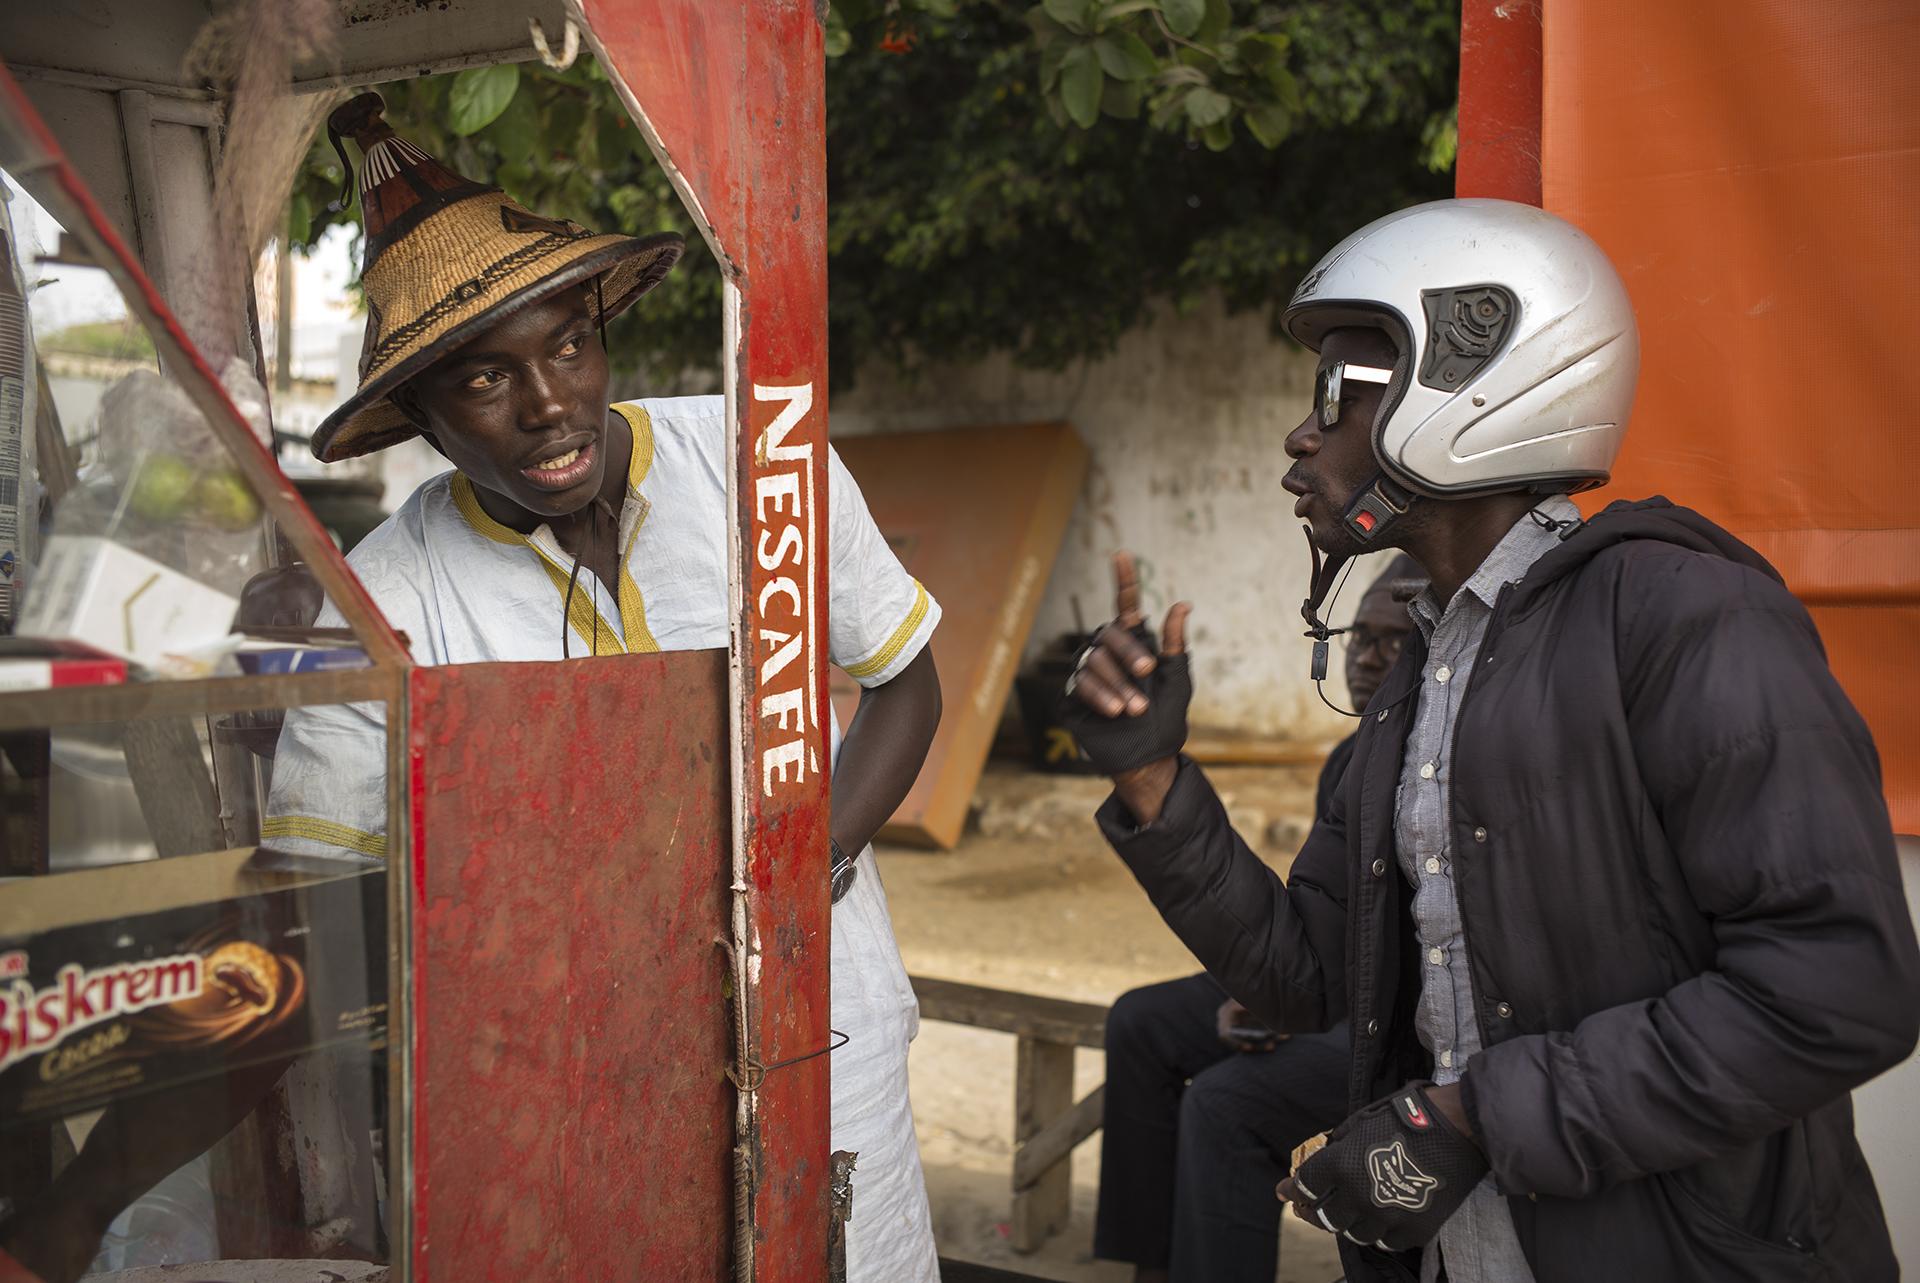 Circulation routière à Dakar, Sénégal. Mai 2017Abba, journaliste radio sur Zic FM, échange avec un marchand de rue.